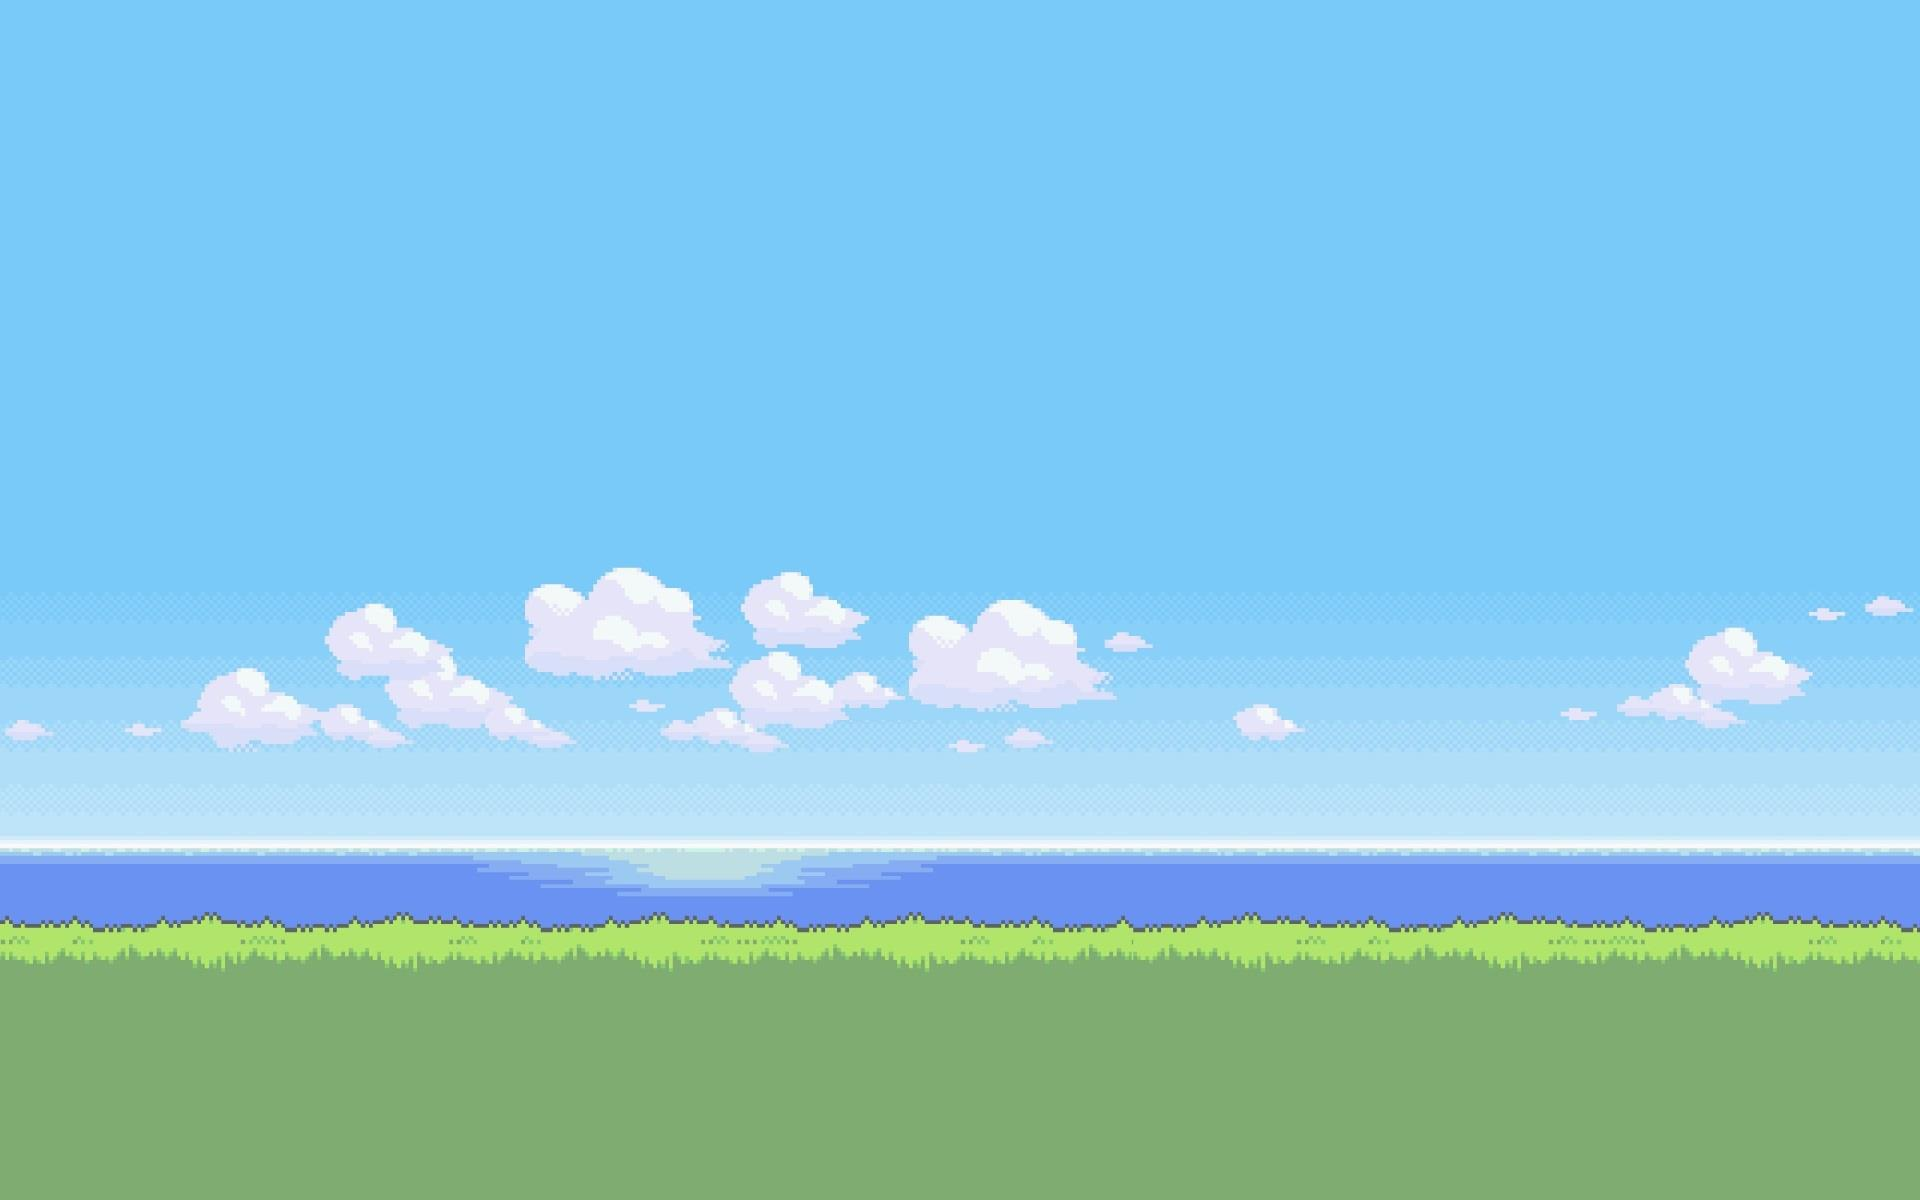 Un paesaggio in grafica 8-bit - Sfondi per PC, iPhone, Android e profilo WhatsApp da scaricare